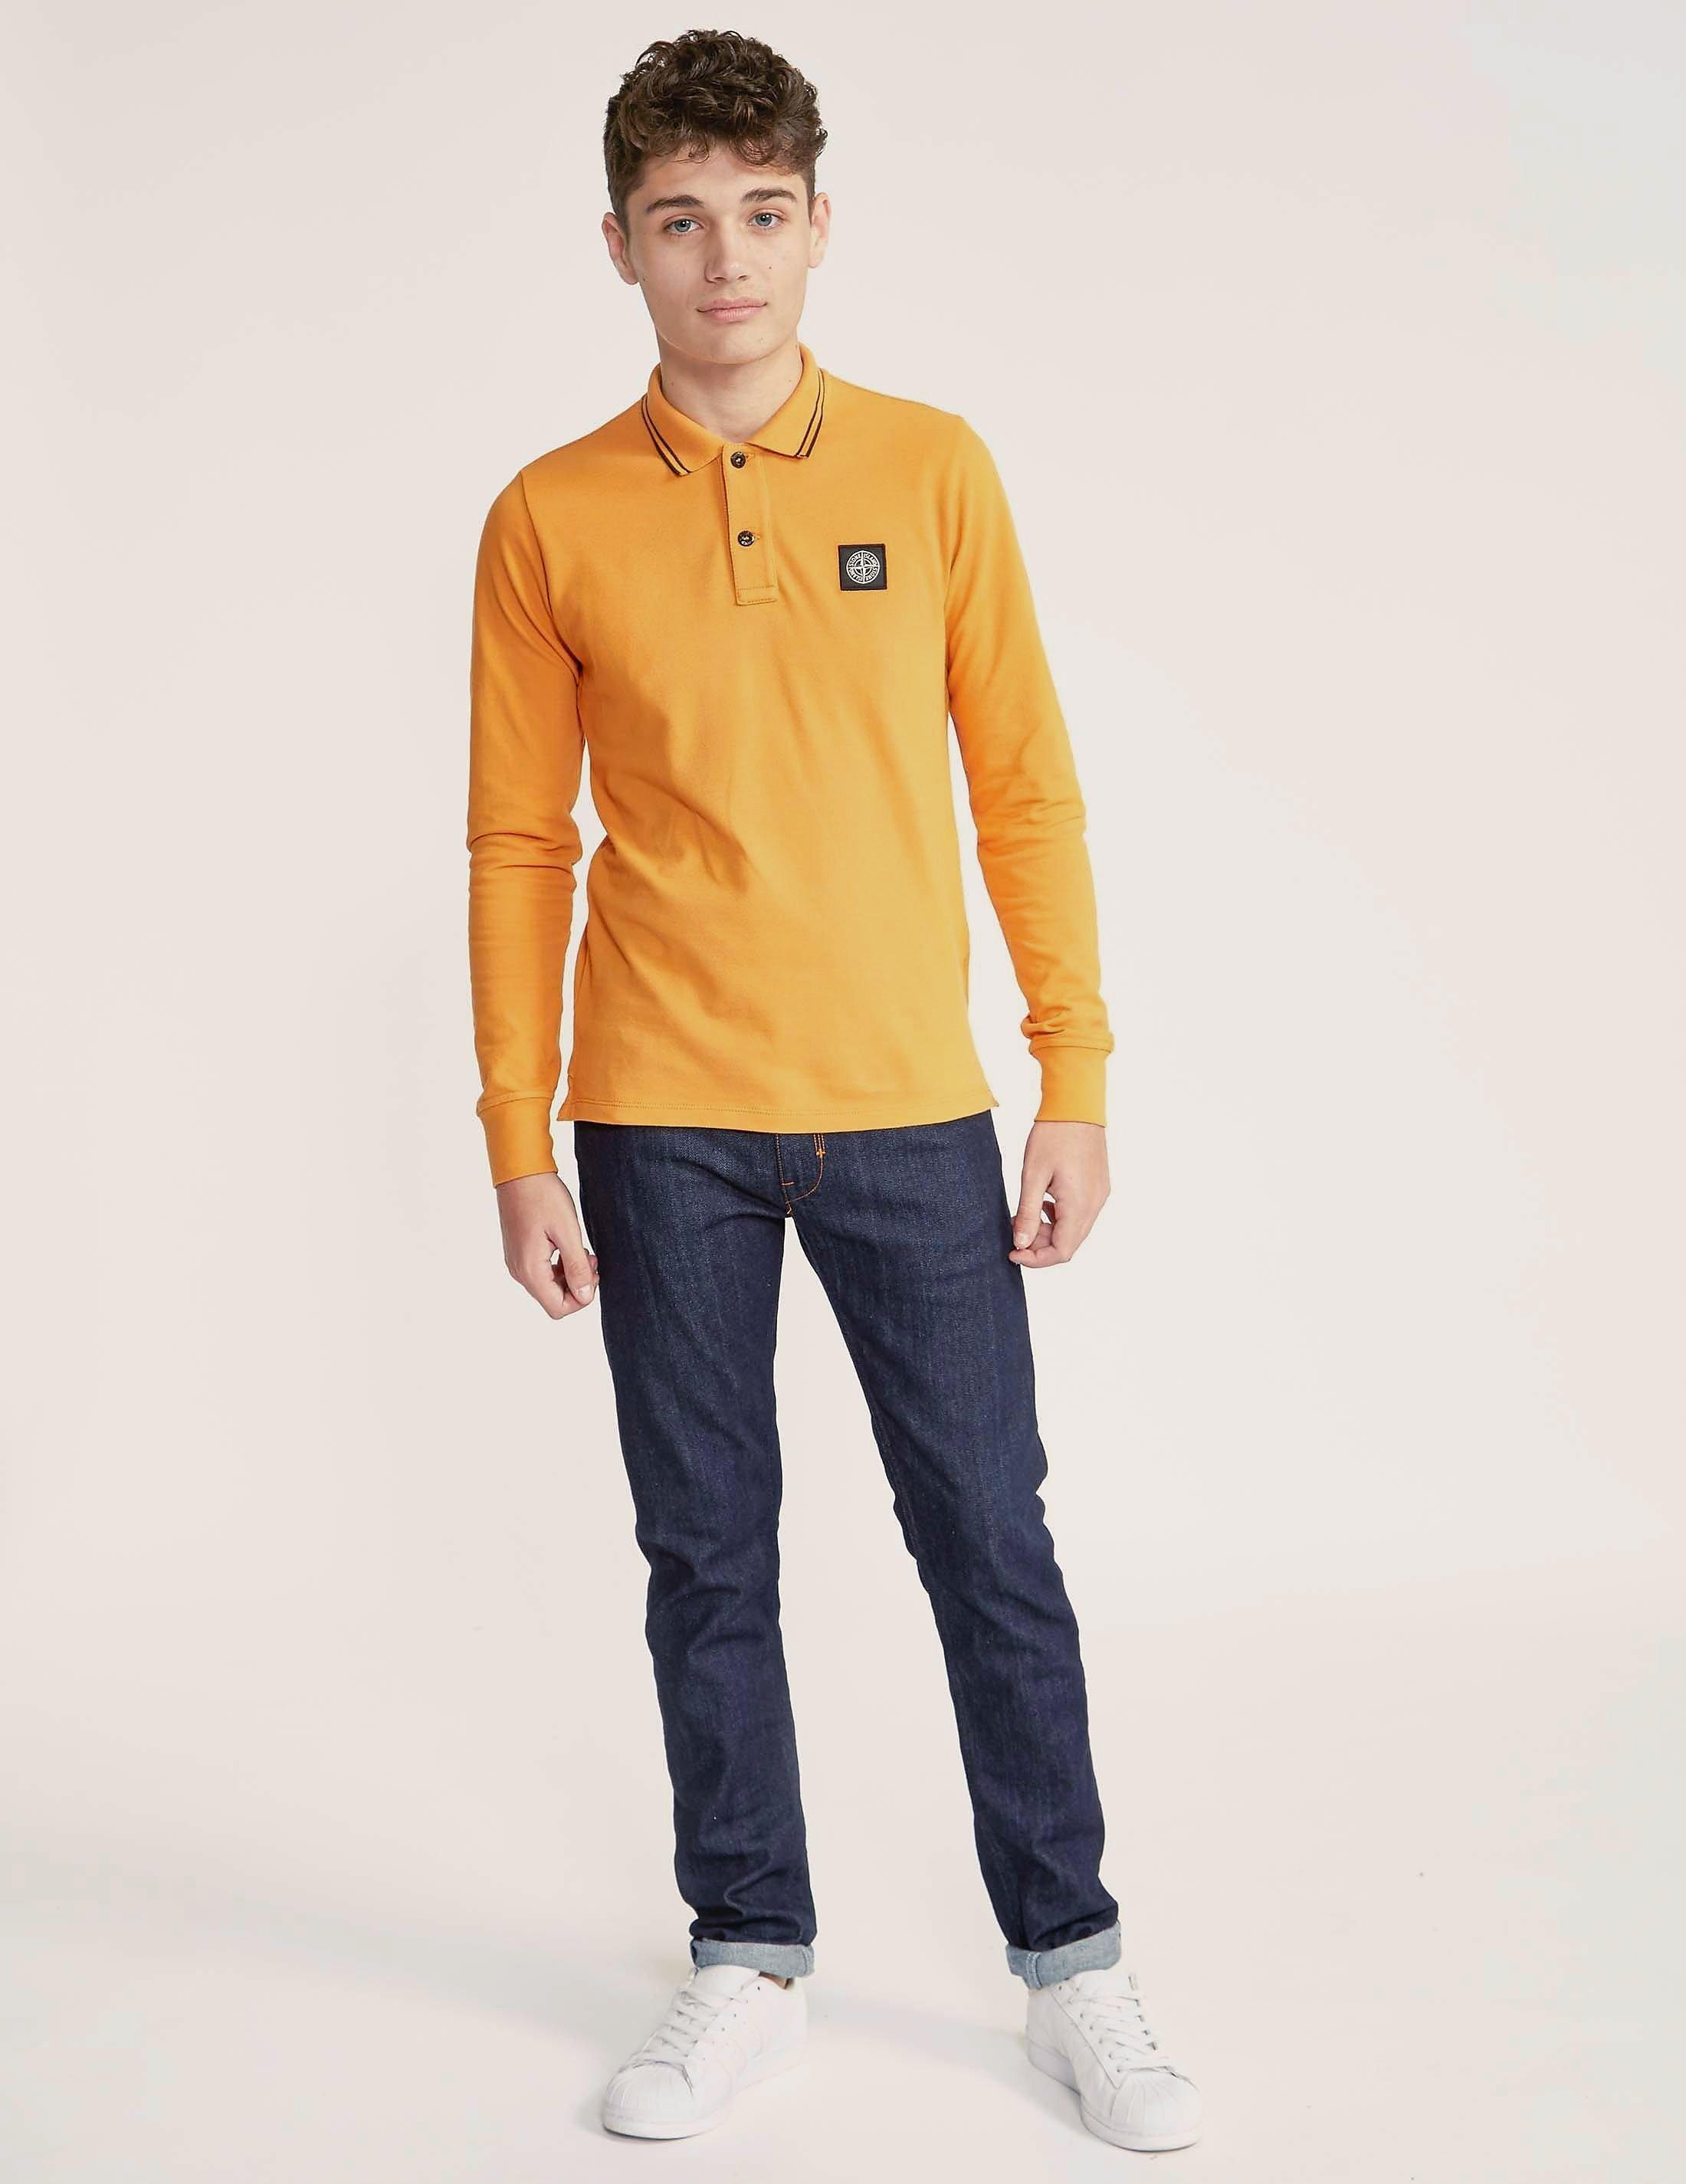 Stone Island Kids' Long Sleeve Polo Shirt